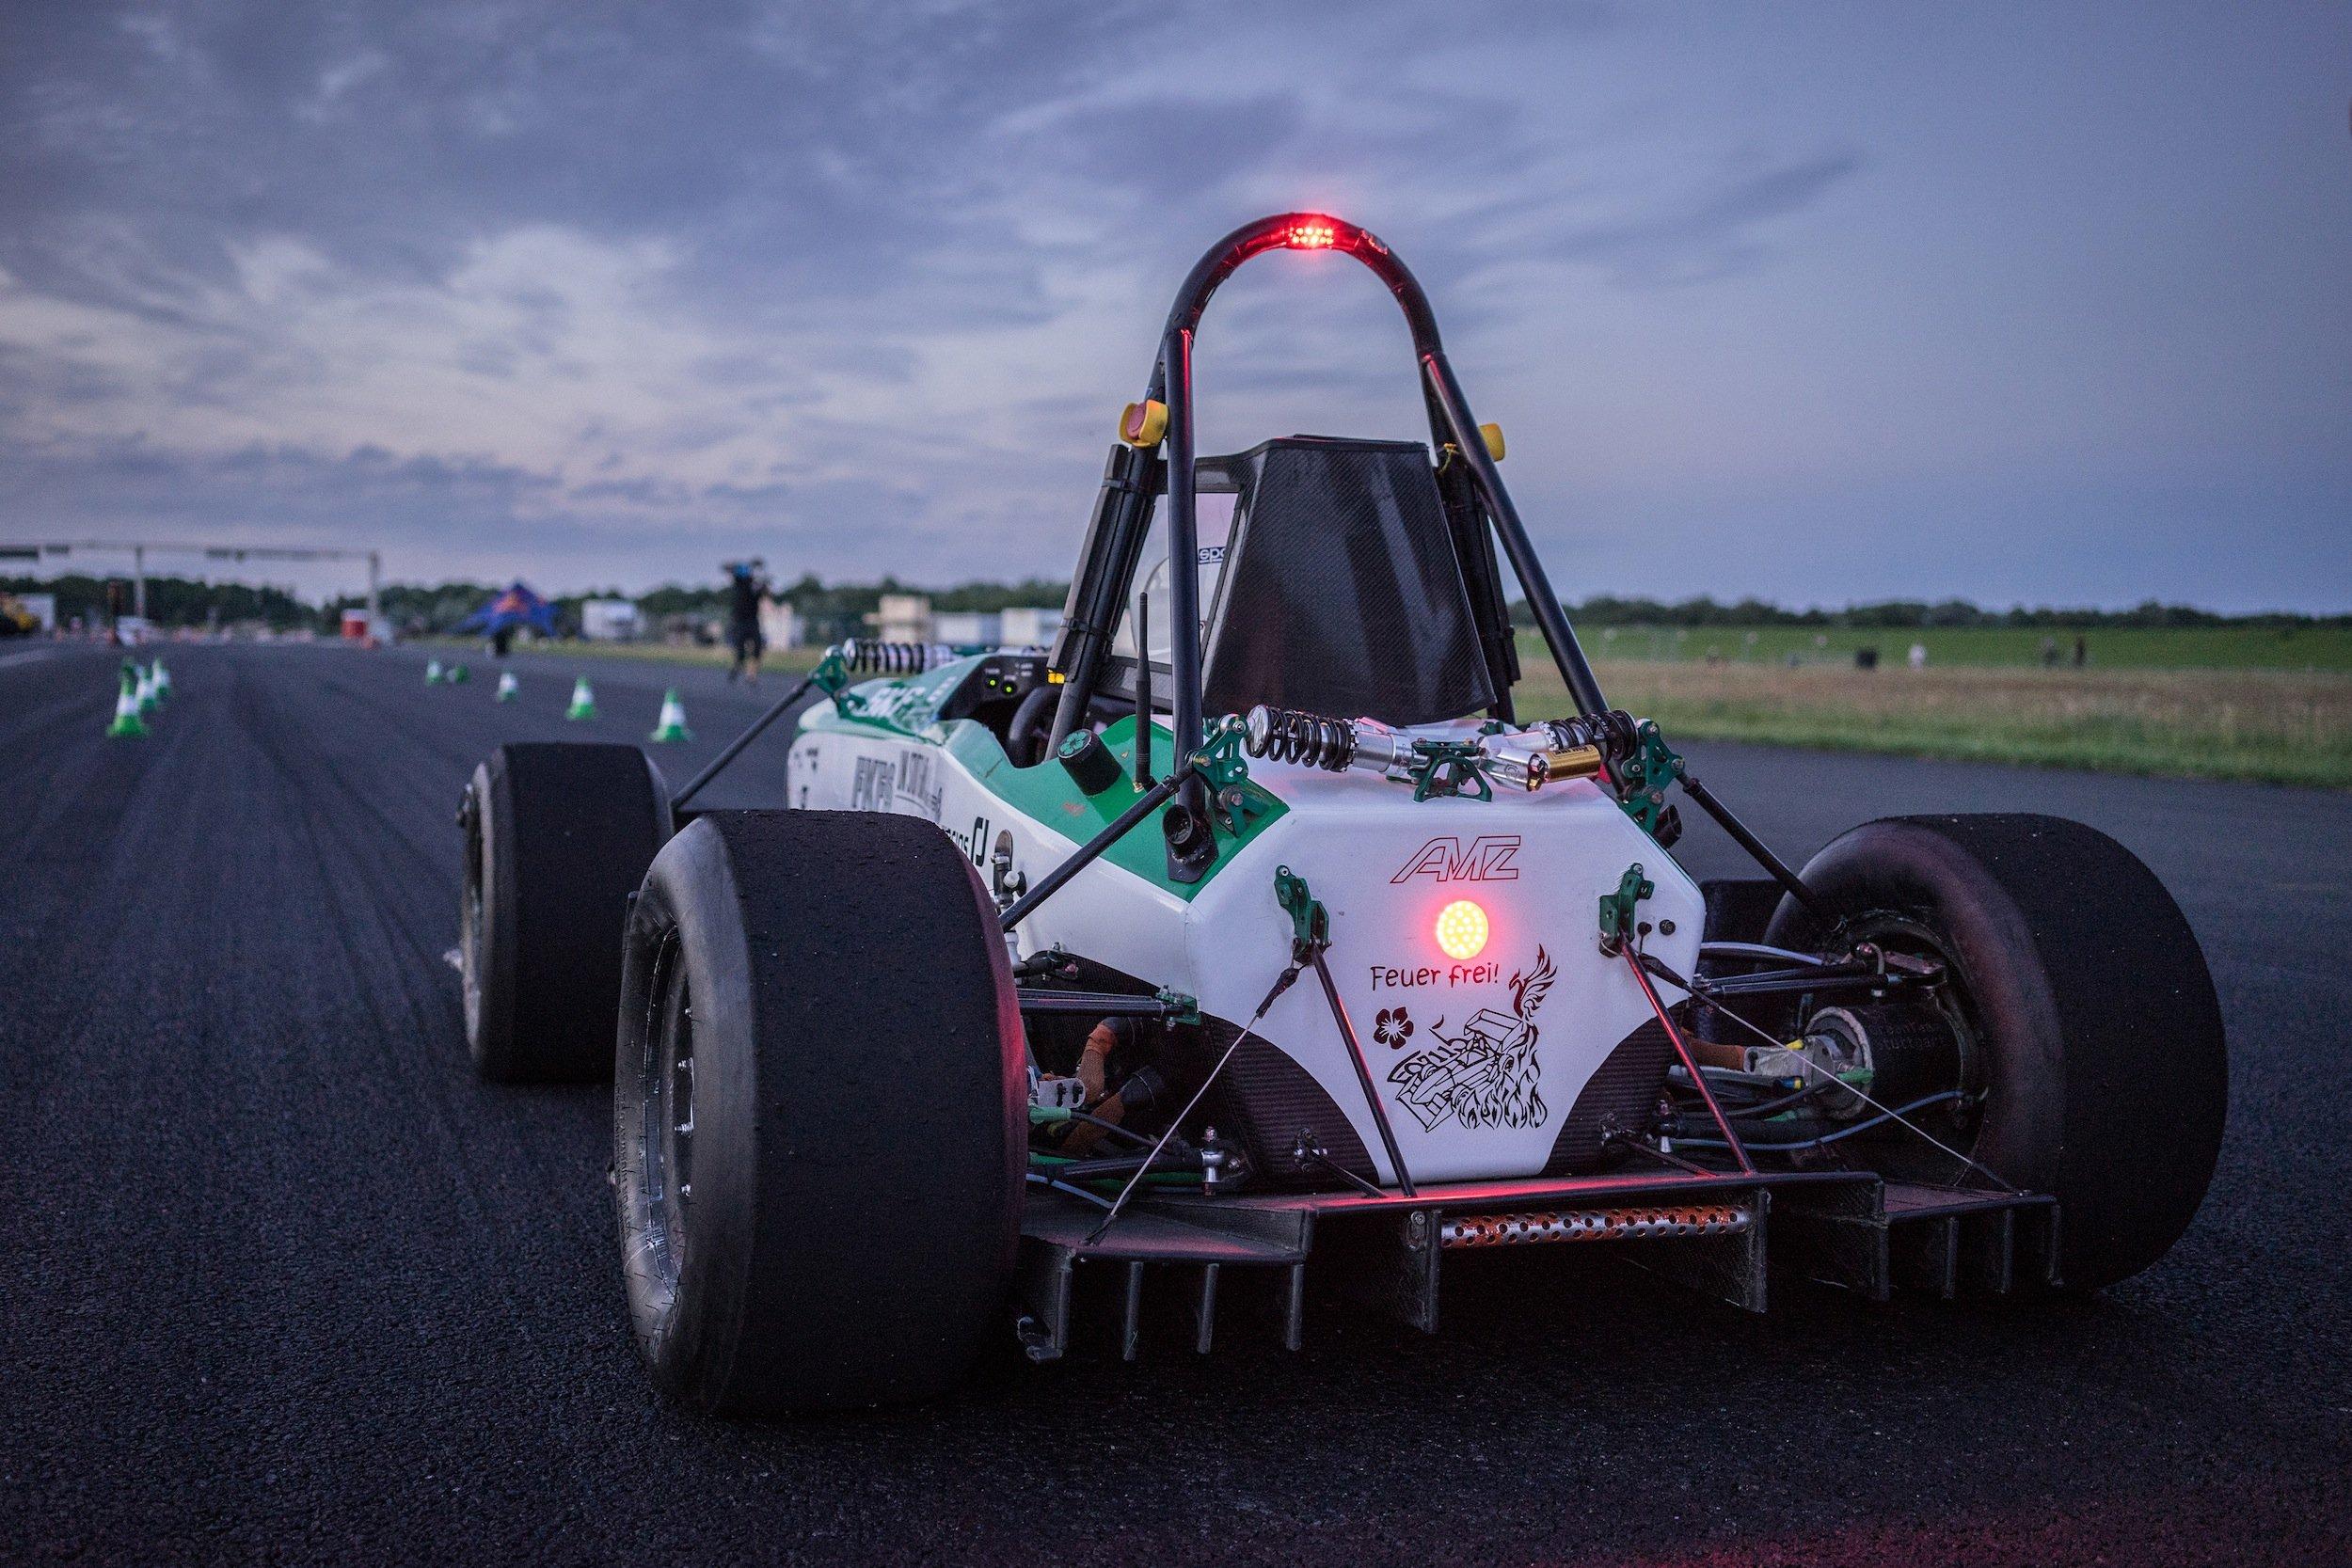 Der E0711-5 vor dem Start: Er ist mit fünf Nabenmotoren ausgestattet, die eine Leistung von jeweils 25 kW haben.